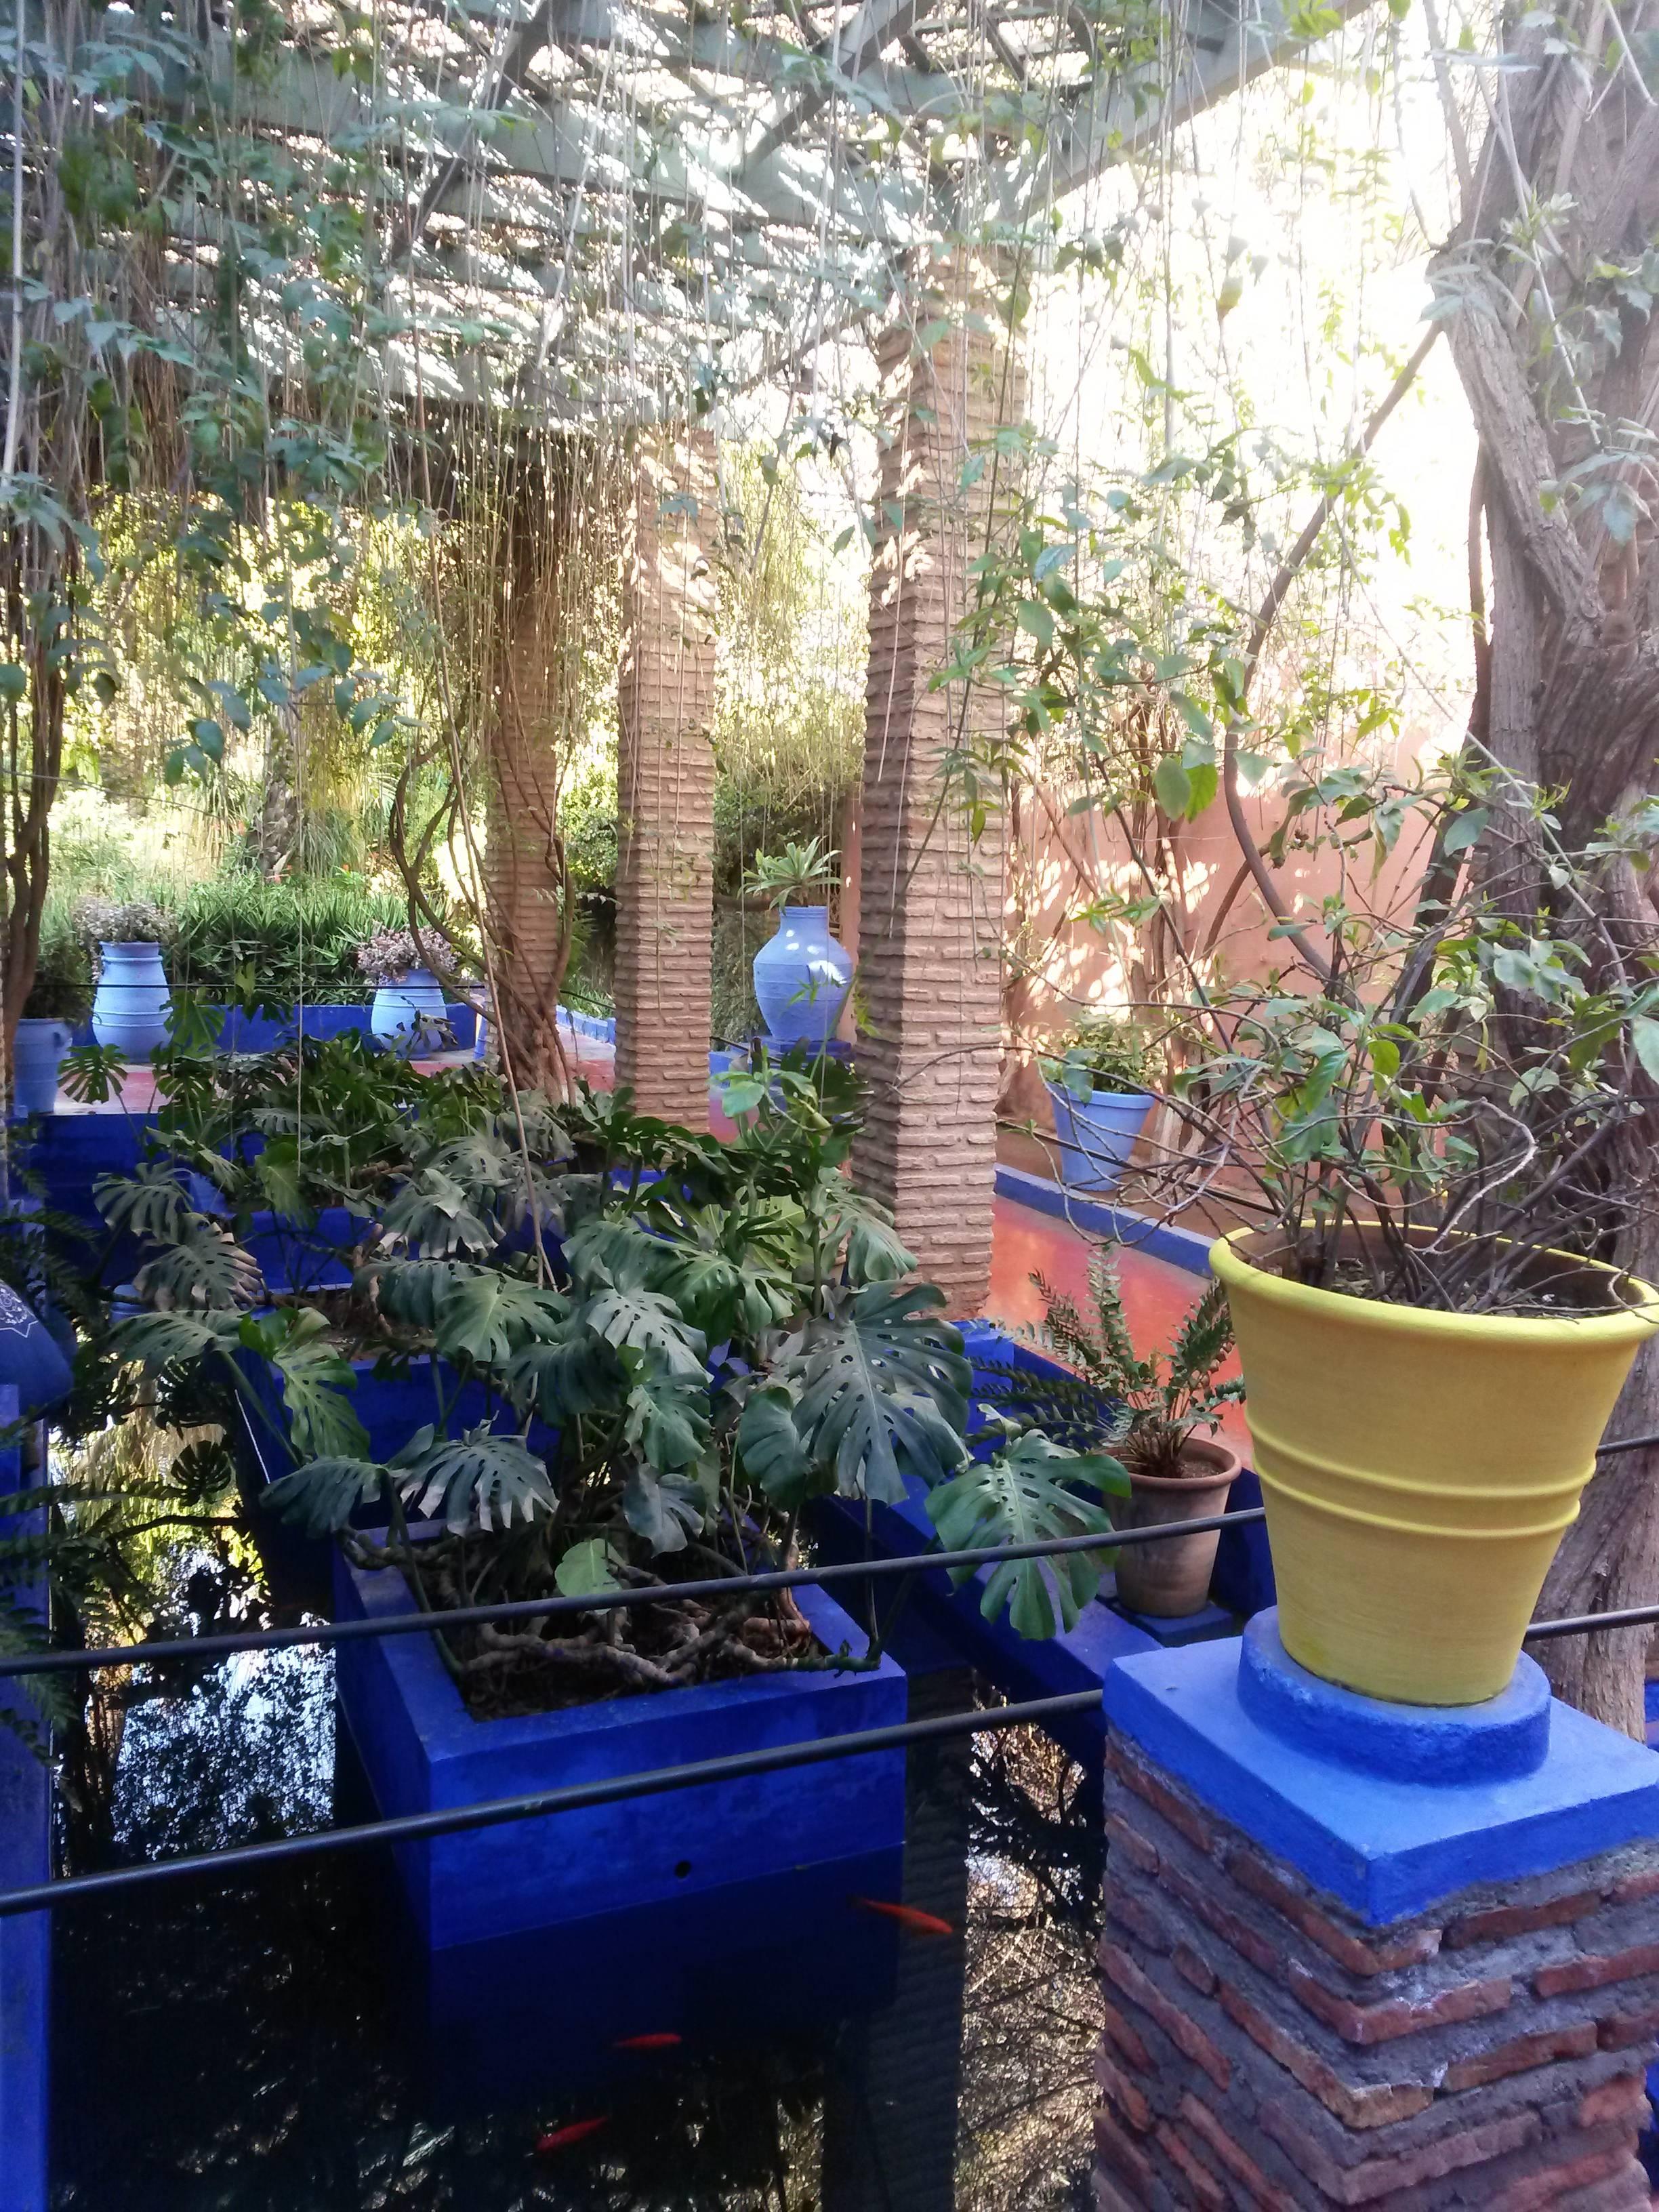 Photo 3: Le jardin Majorelle en amoureux